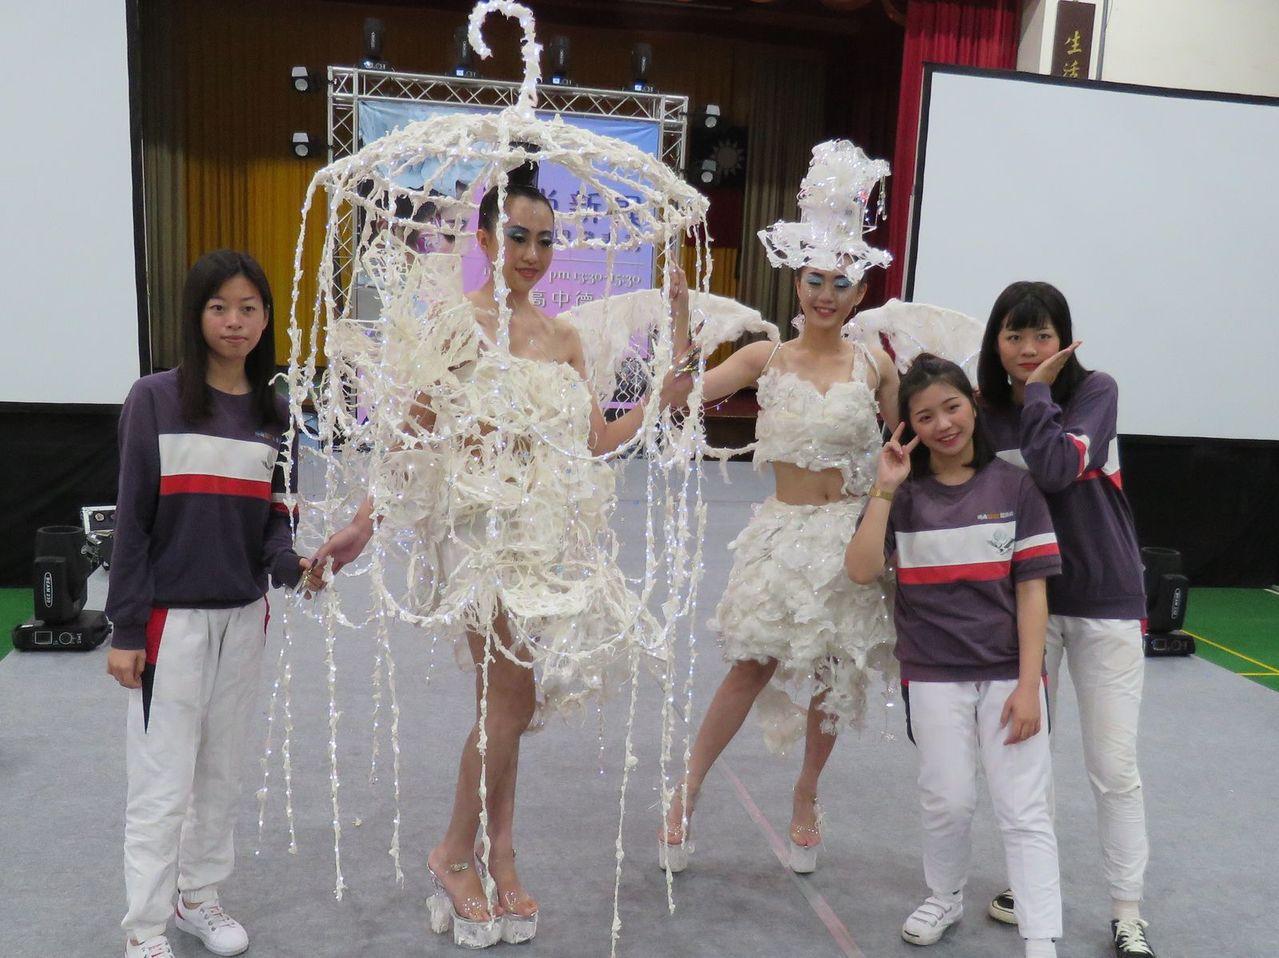 桃園市治平高中時尚造型科畢業展,以日常生活所見的熱門異材質,輕黏土、熱溶膠、人造...